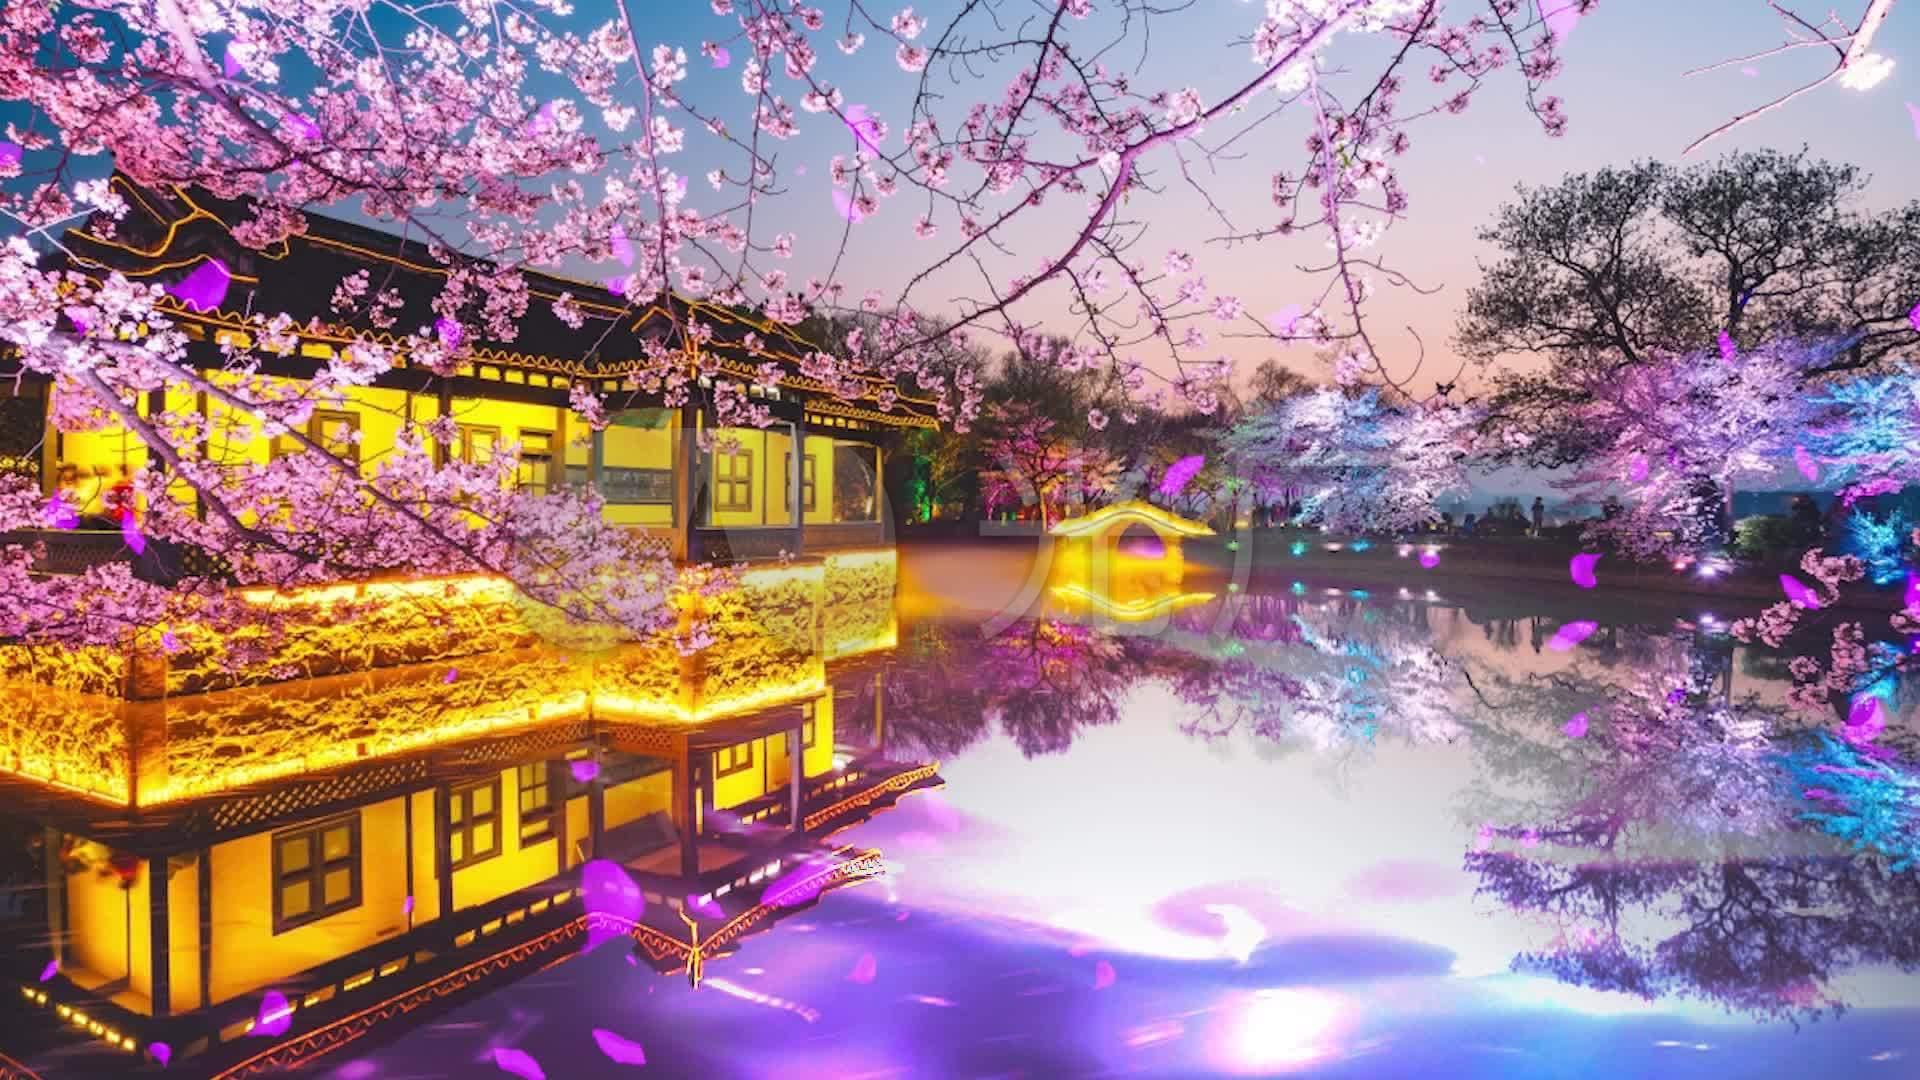 古筝樱花背景舞台_1920X1080_主题视频素材视频电玩高清图片